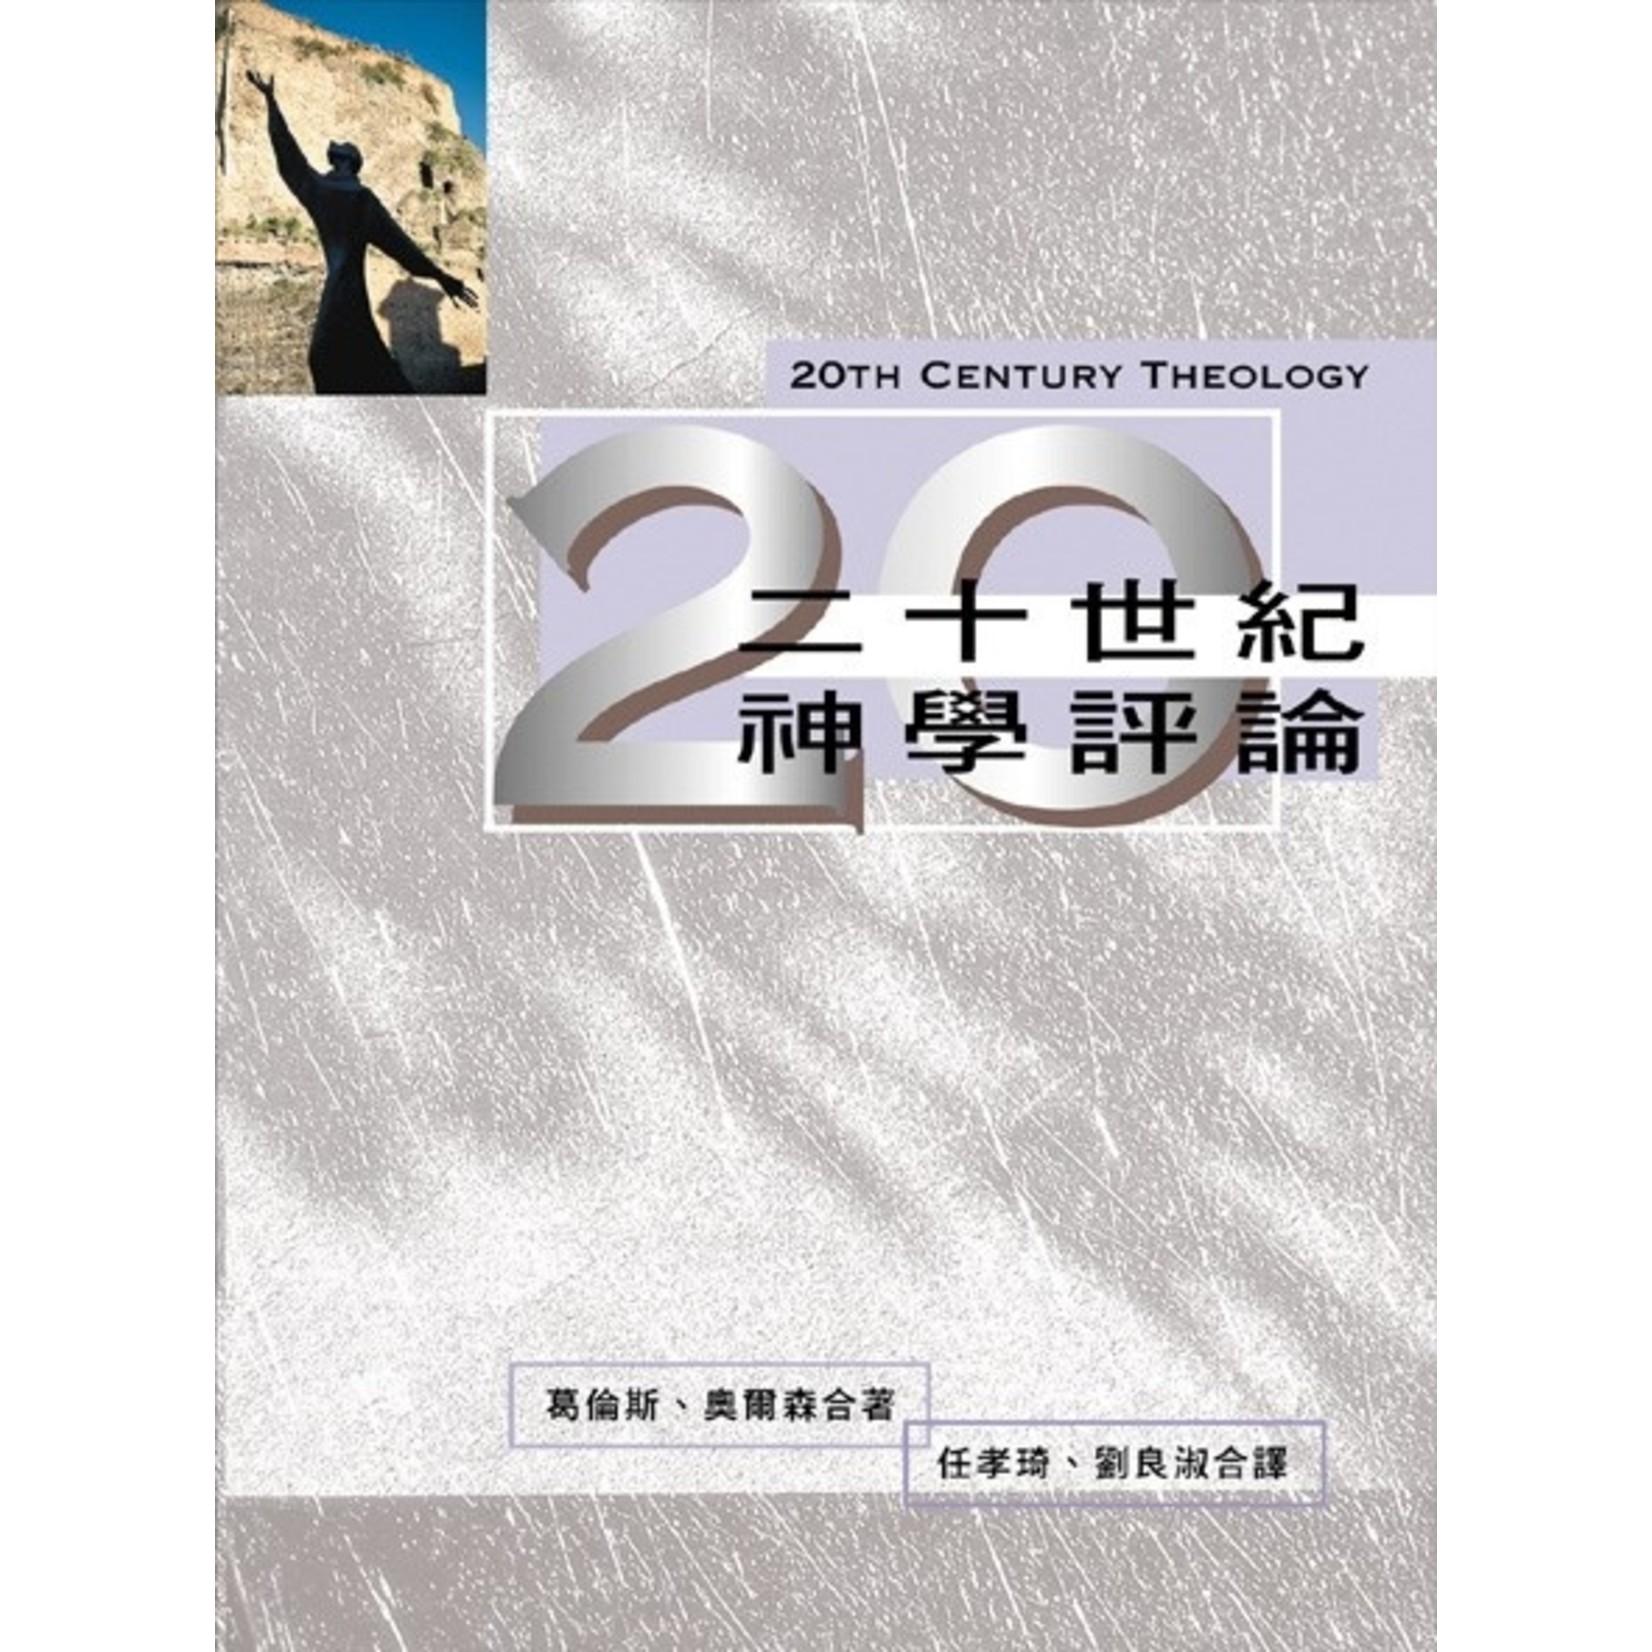 校園書房 Campus Books 二十世紀神學評論  20th-Century Theology: God and the World in a Transitional Age